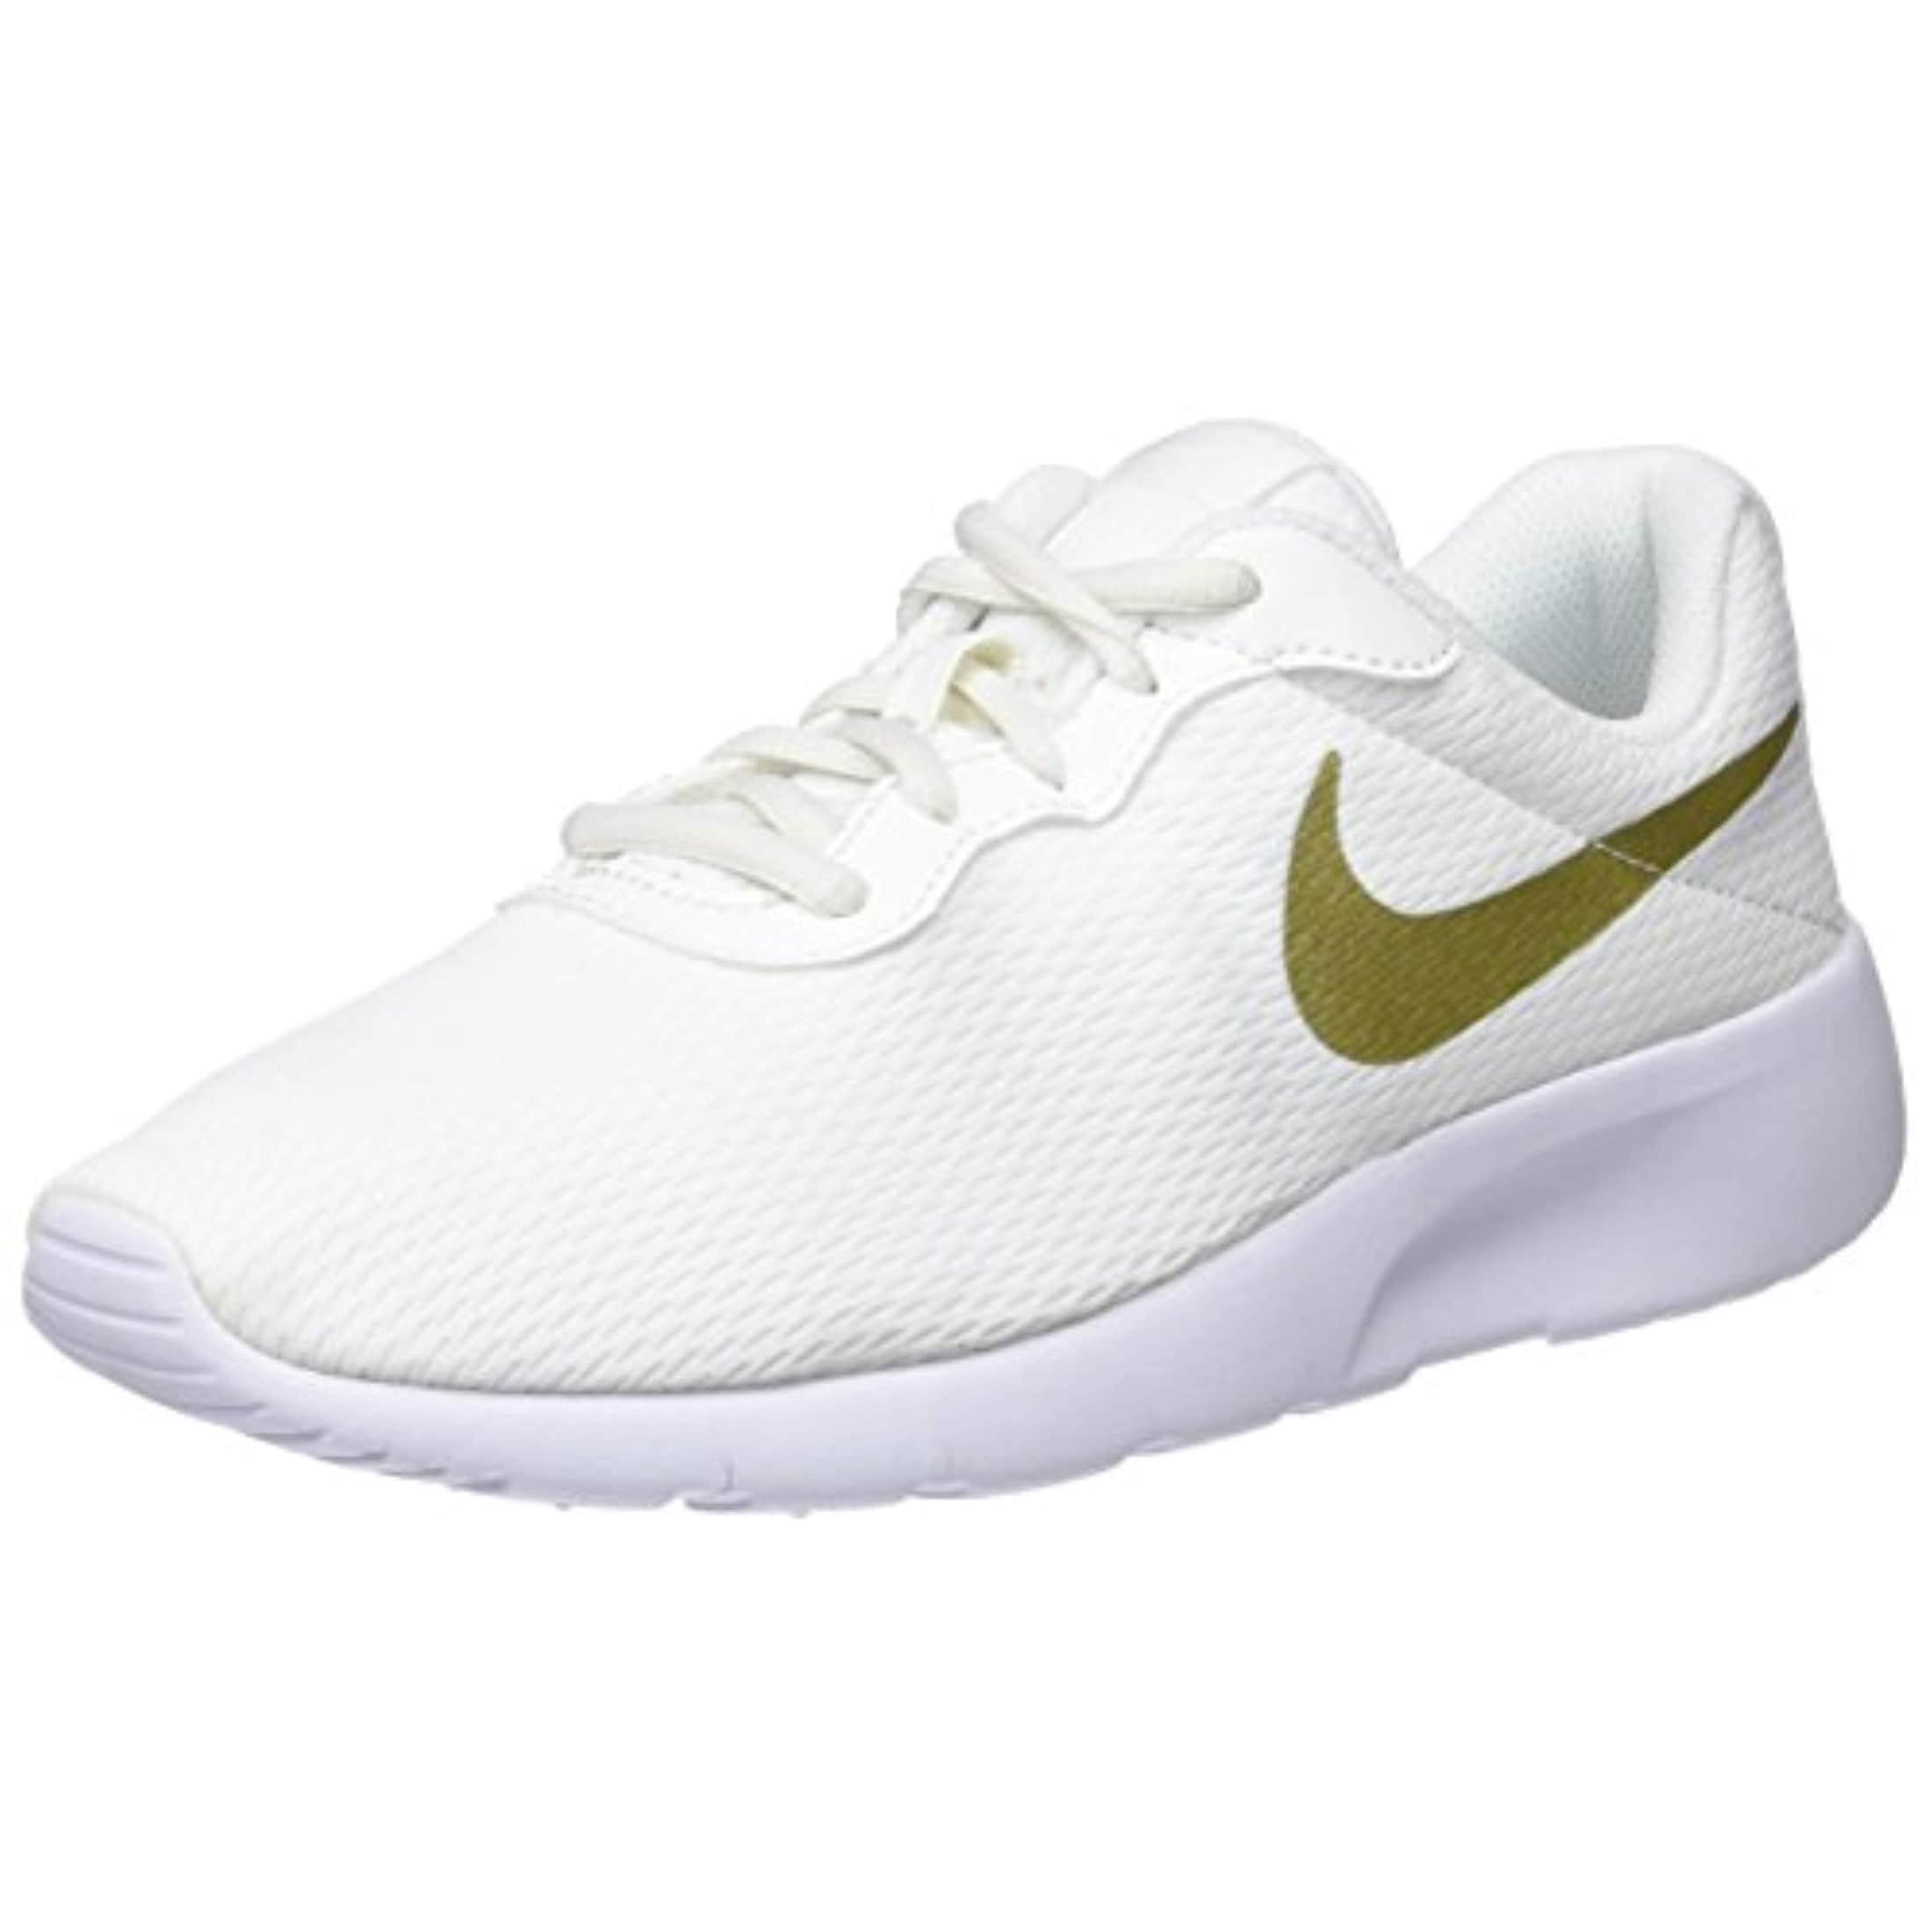 Size 7.5 Boys  Shoes  c6c0ce8e7